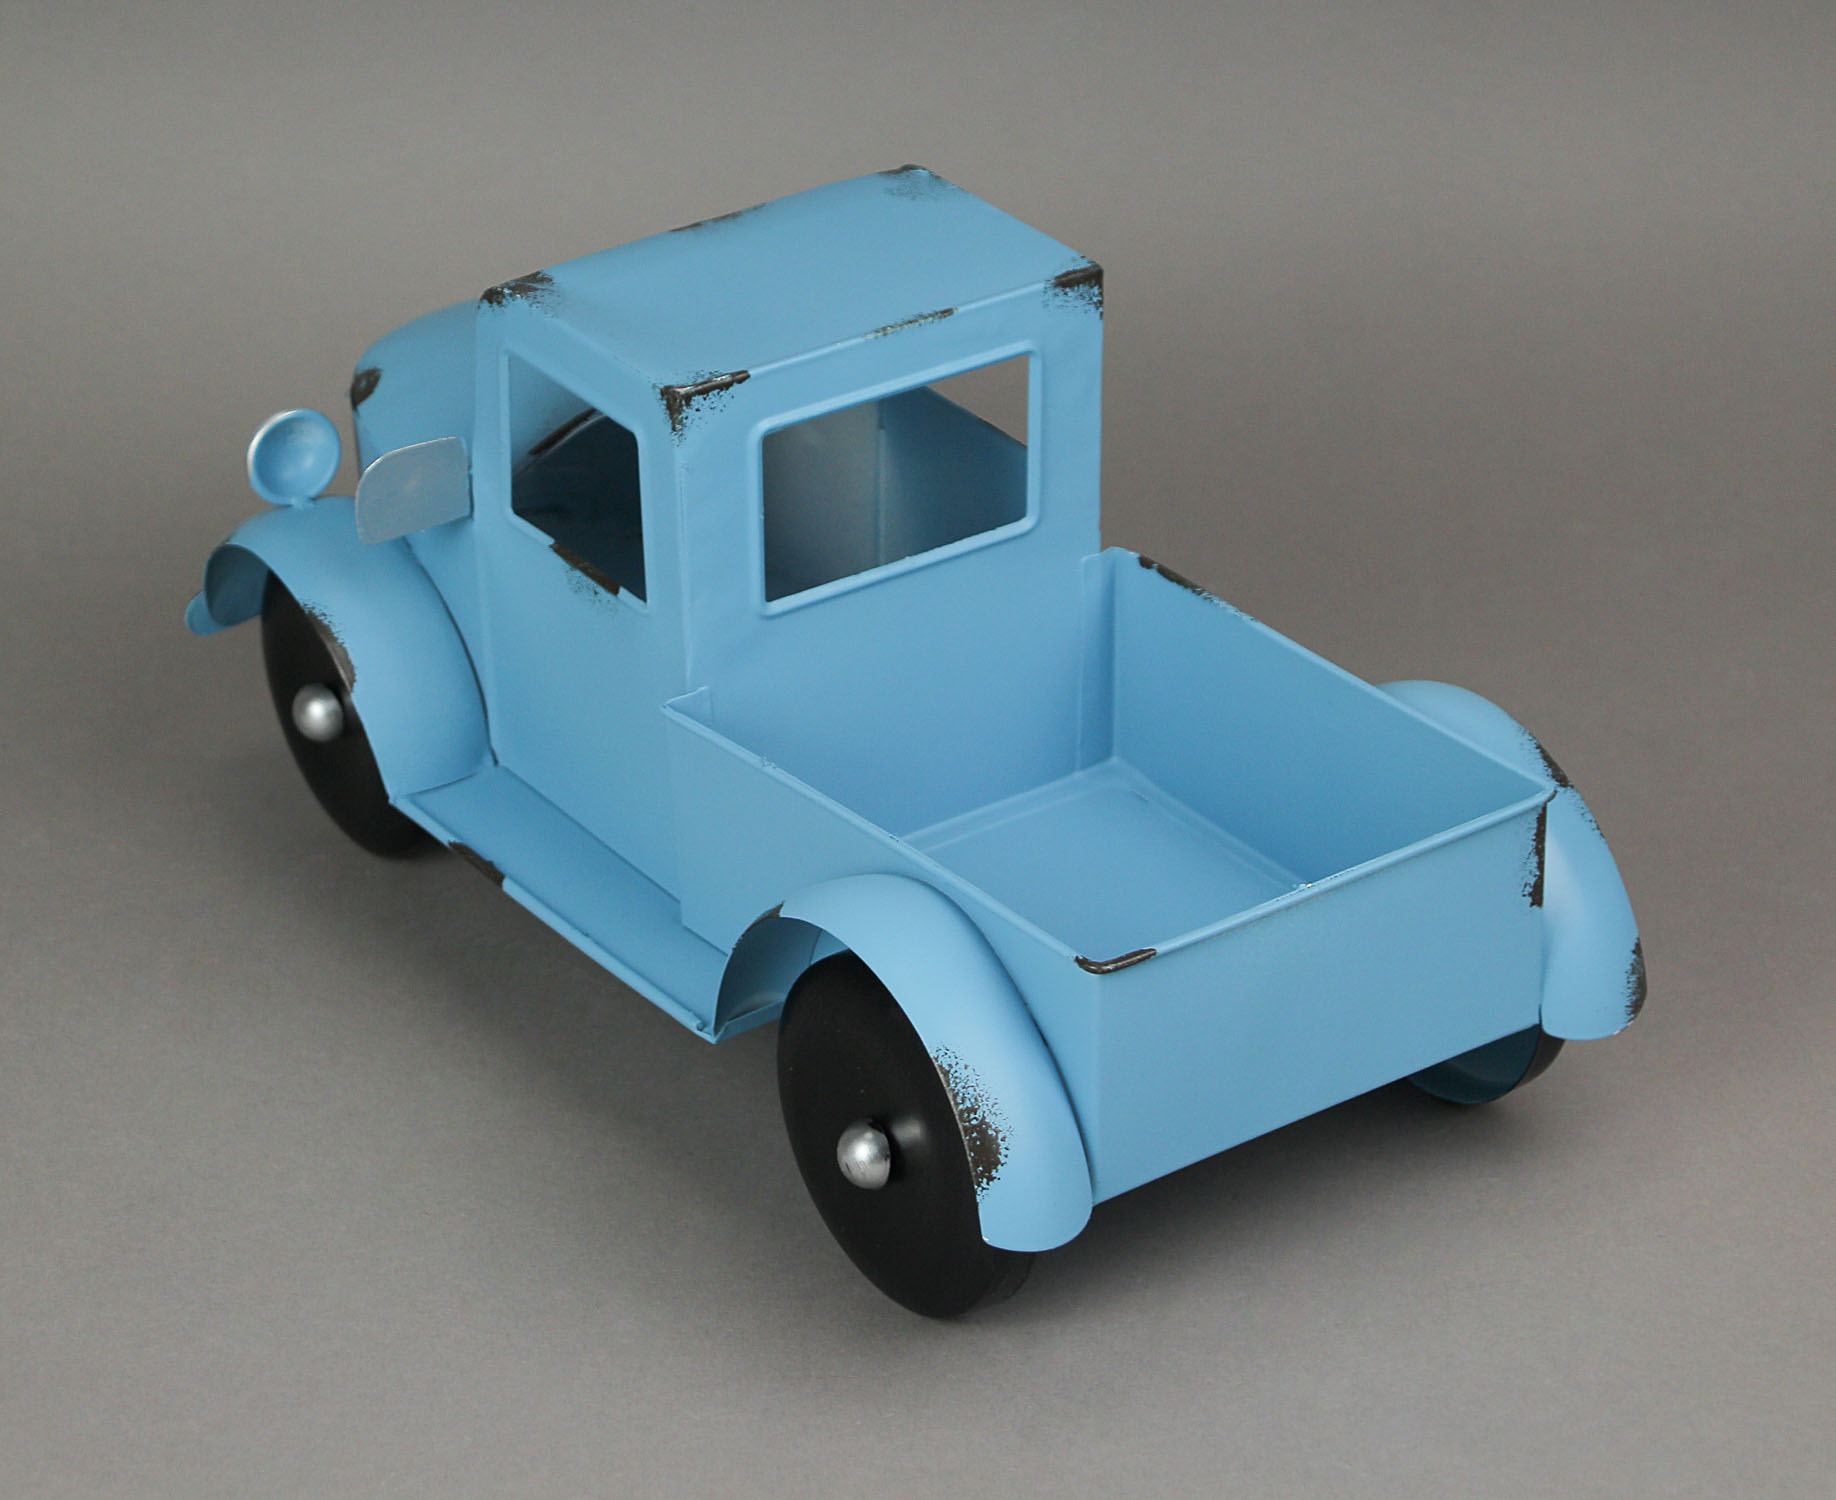 thumbnail 5 - Zeckos Rustic Metal Antique Truck Indoor or Outdoor Planter